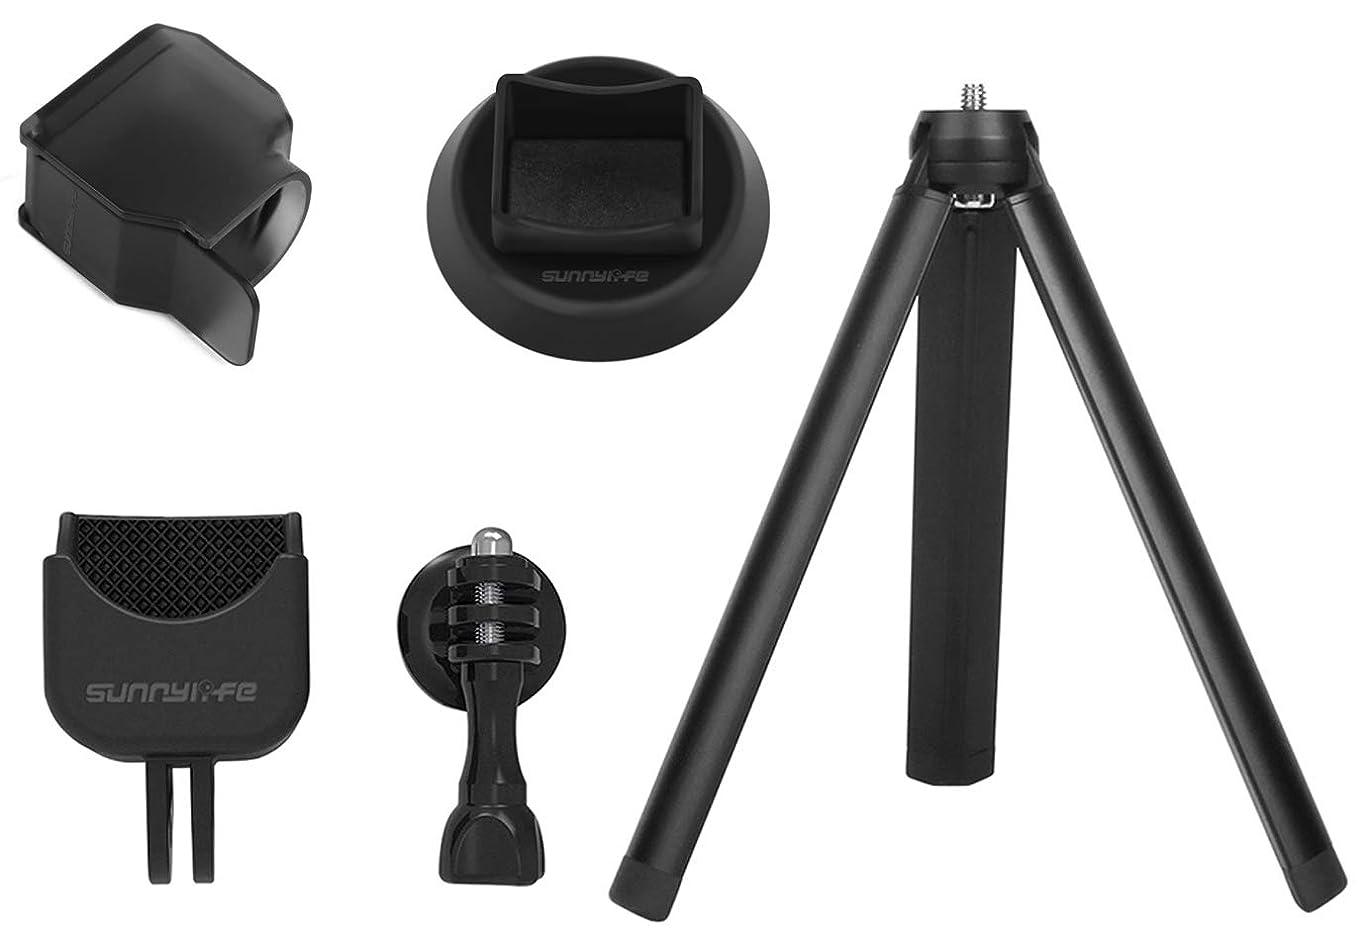 厚いバルーン確認するDJI OSMO POCKET専用マウントアダプター 取り付けアダプター1/4アダプターGOPROアダプター多機能アダプターベースレンズカバーセルフタイマーバックパックバックパック三脚カメラブラケット自転車クリップカーブラケット拡張モジュールカメラアクションカメラ